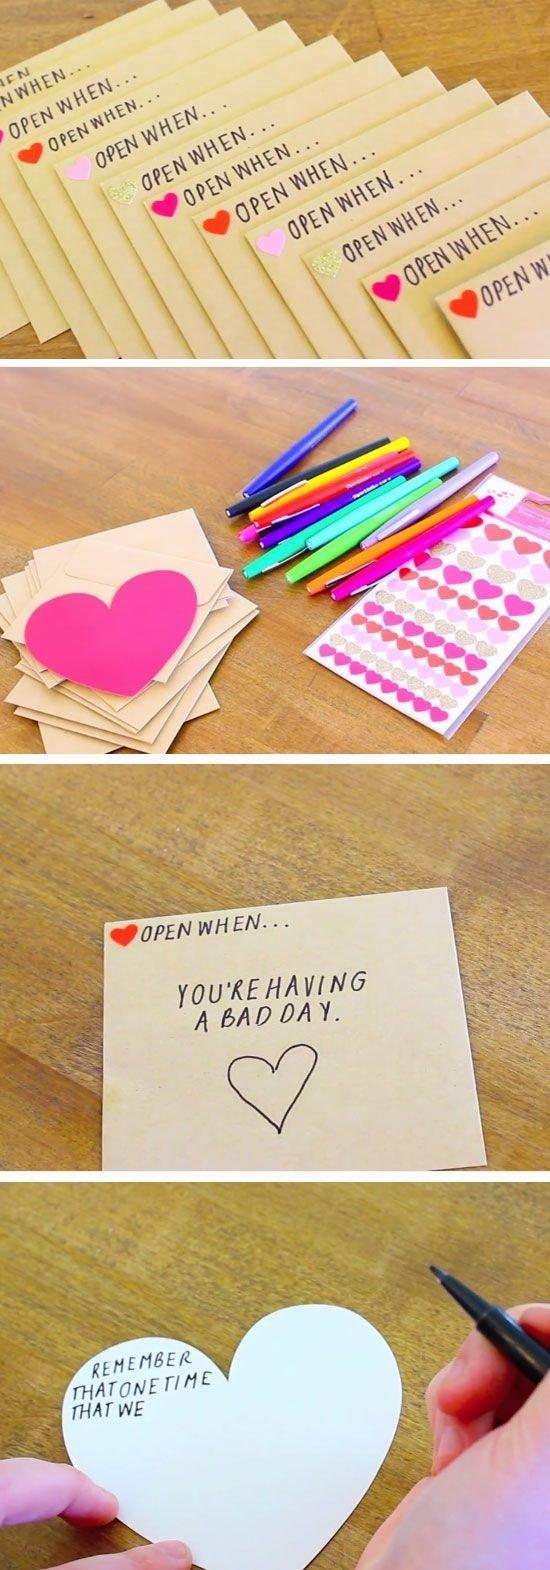 10 Fantastic Handmade Gift Ideas For Boyfriend 32 diy valentines crafts for boyfriend diy birthday valentine 4 2020